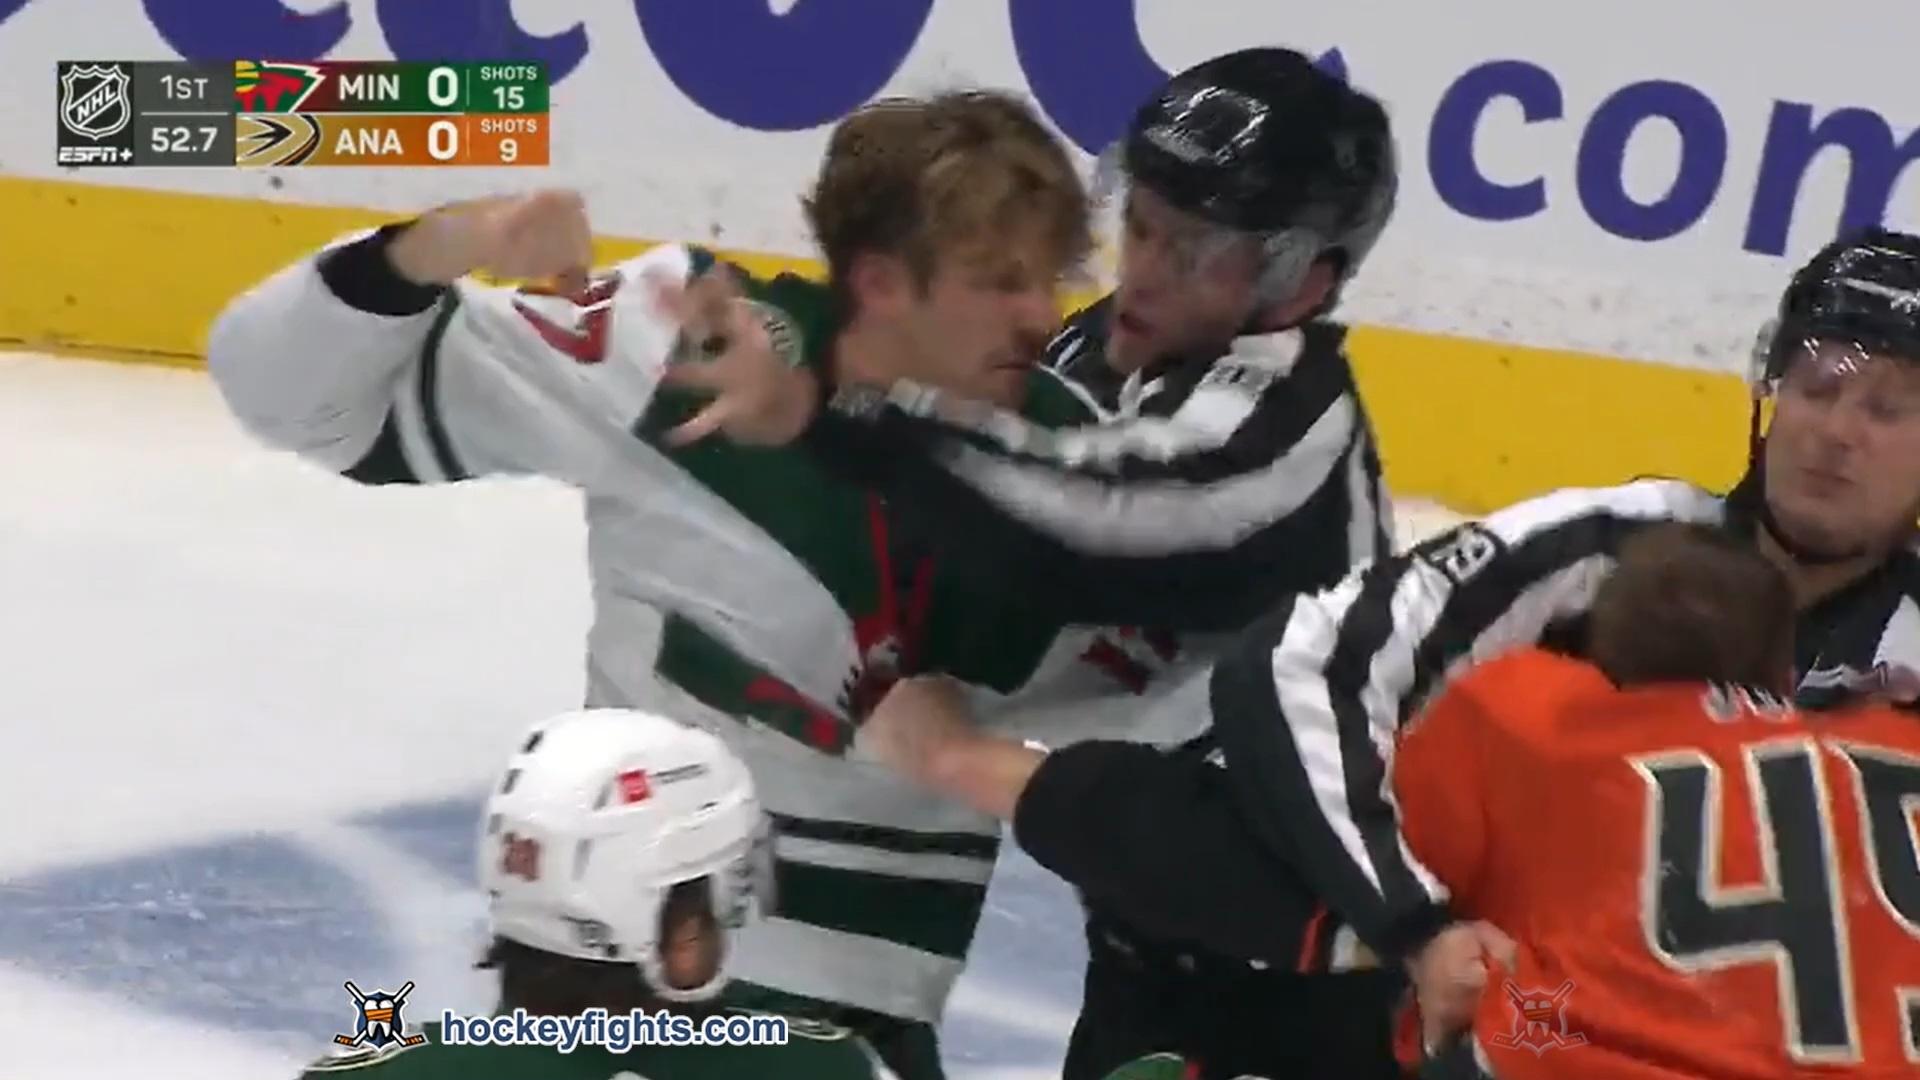 Marcus Foligno vs Max Jones